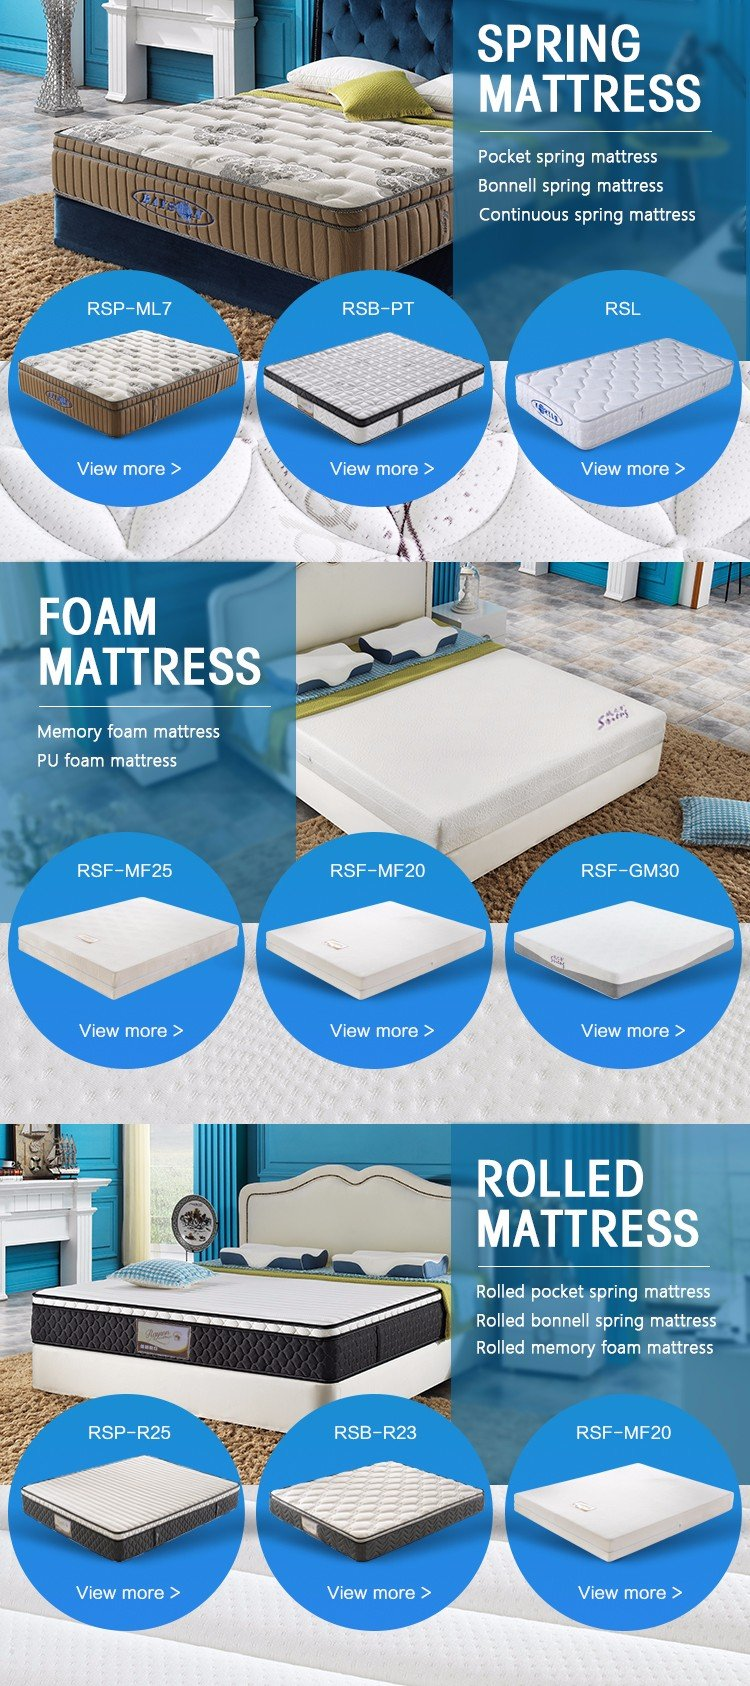 Rayson Mattress rolled 3000 pocket sprung memory foam mattress manufacturers-9